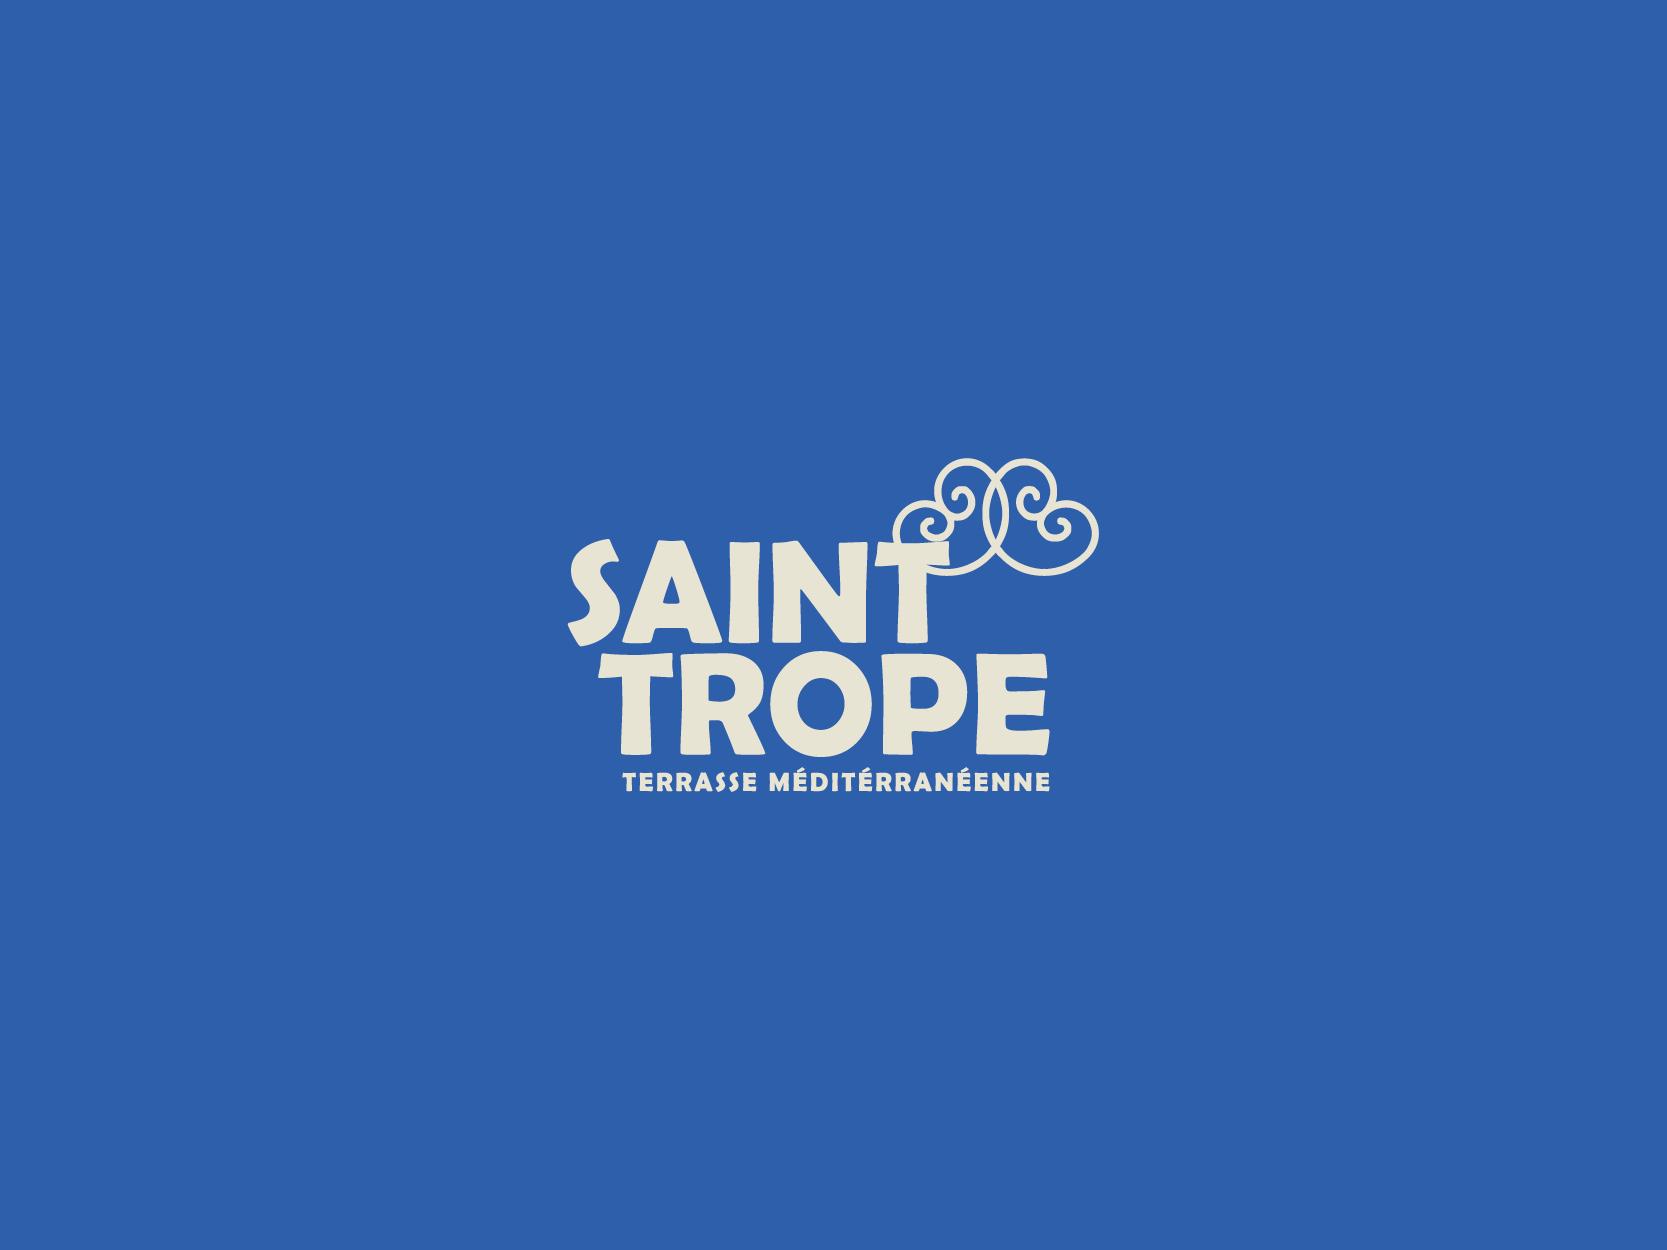 logo saint trope